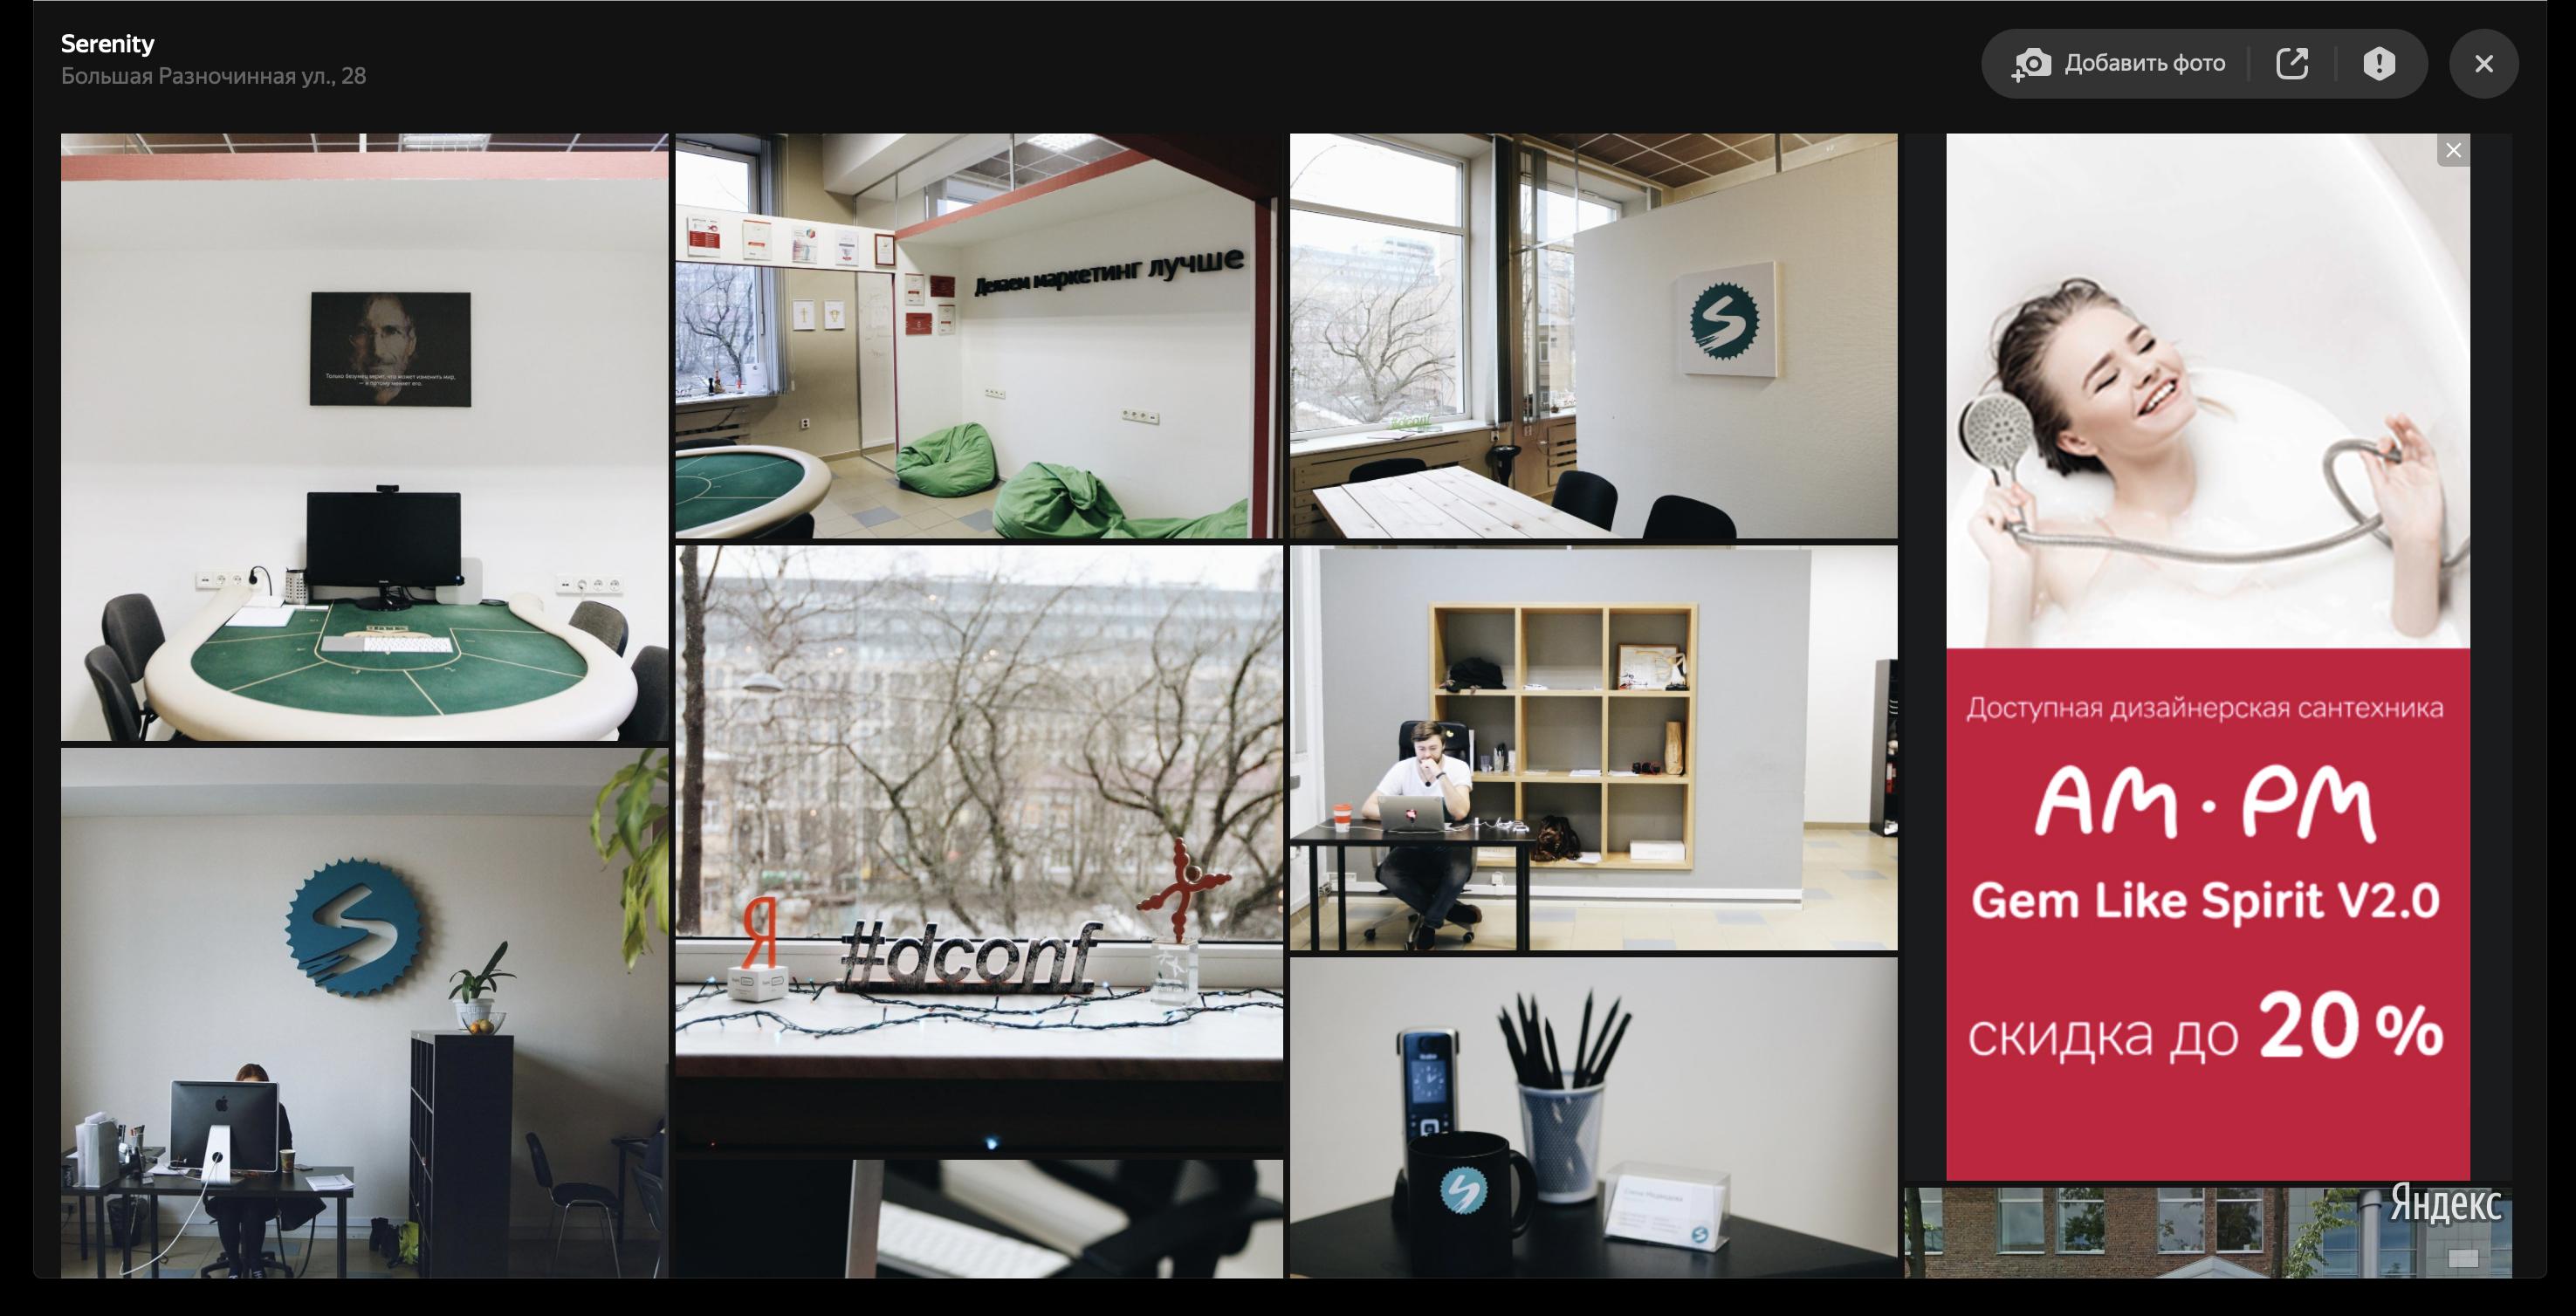 Фото офиса в Яндекс.Картах